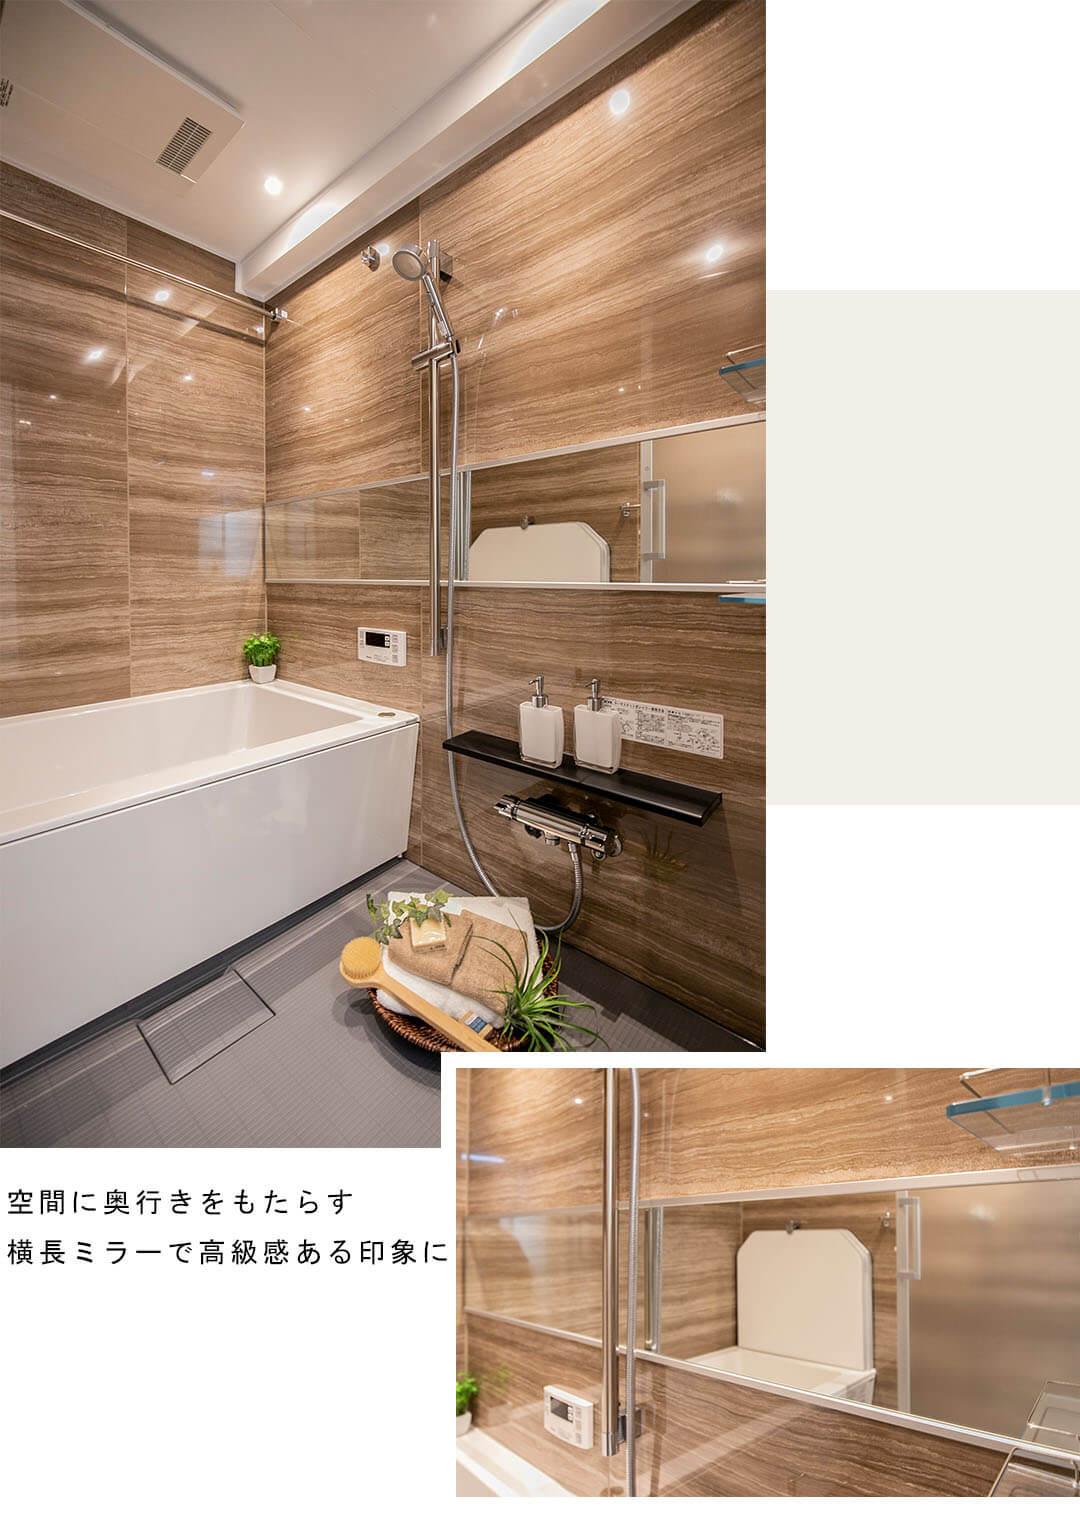 東京アムフラットの浴室